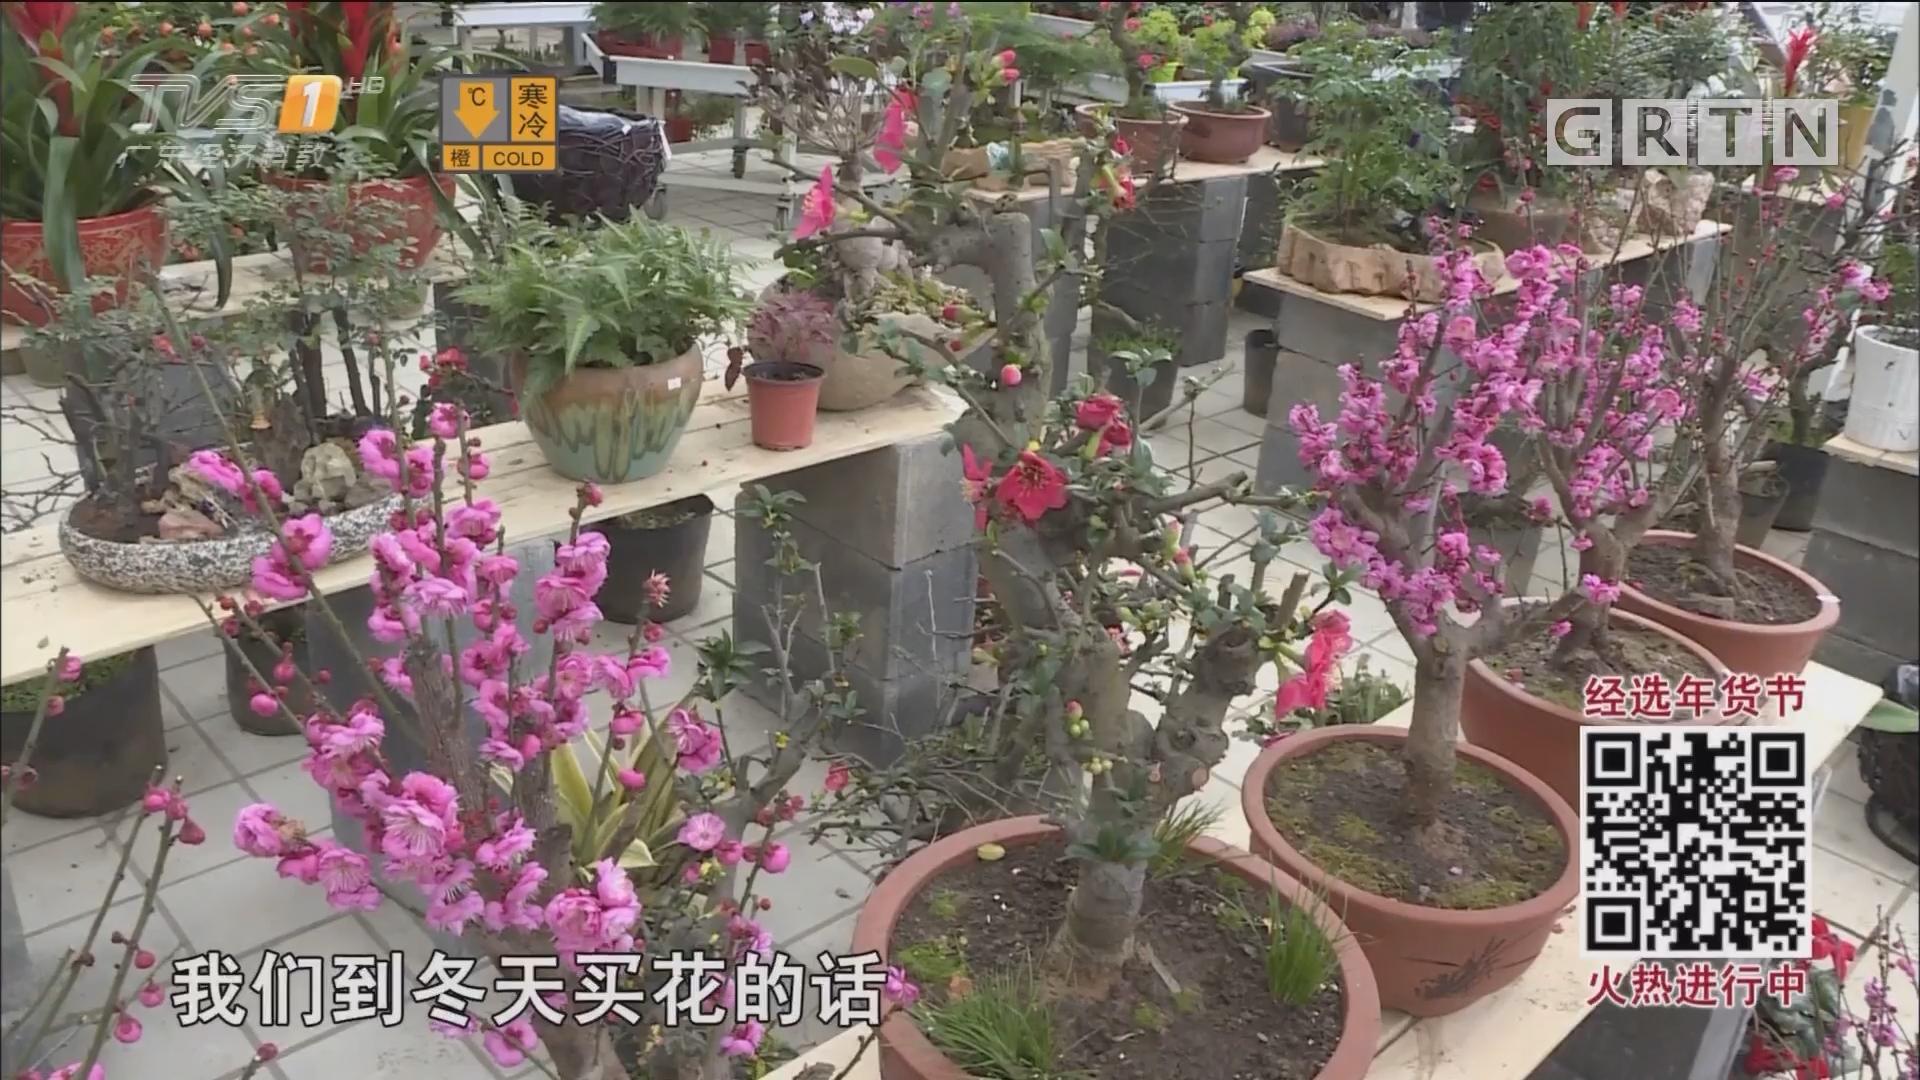 春节临近盆景热销 注意宁干勿湿